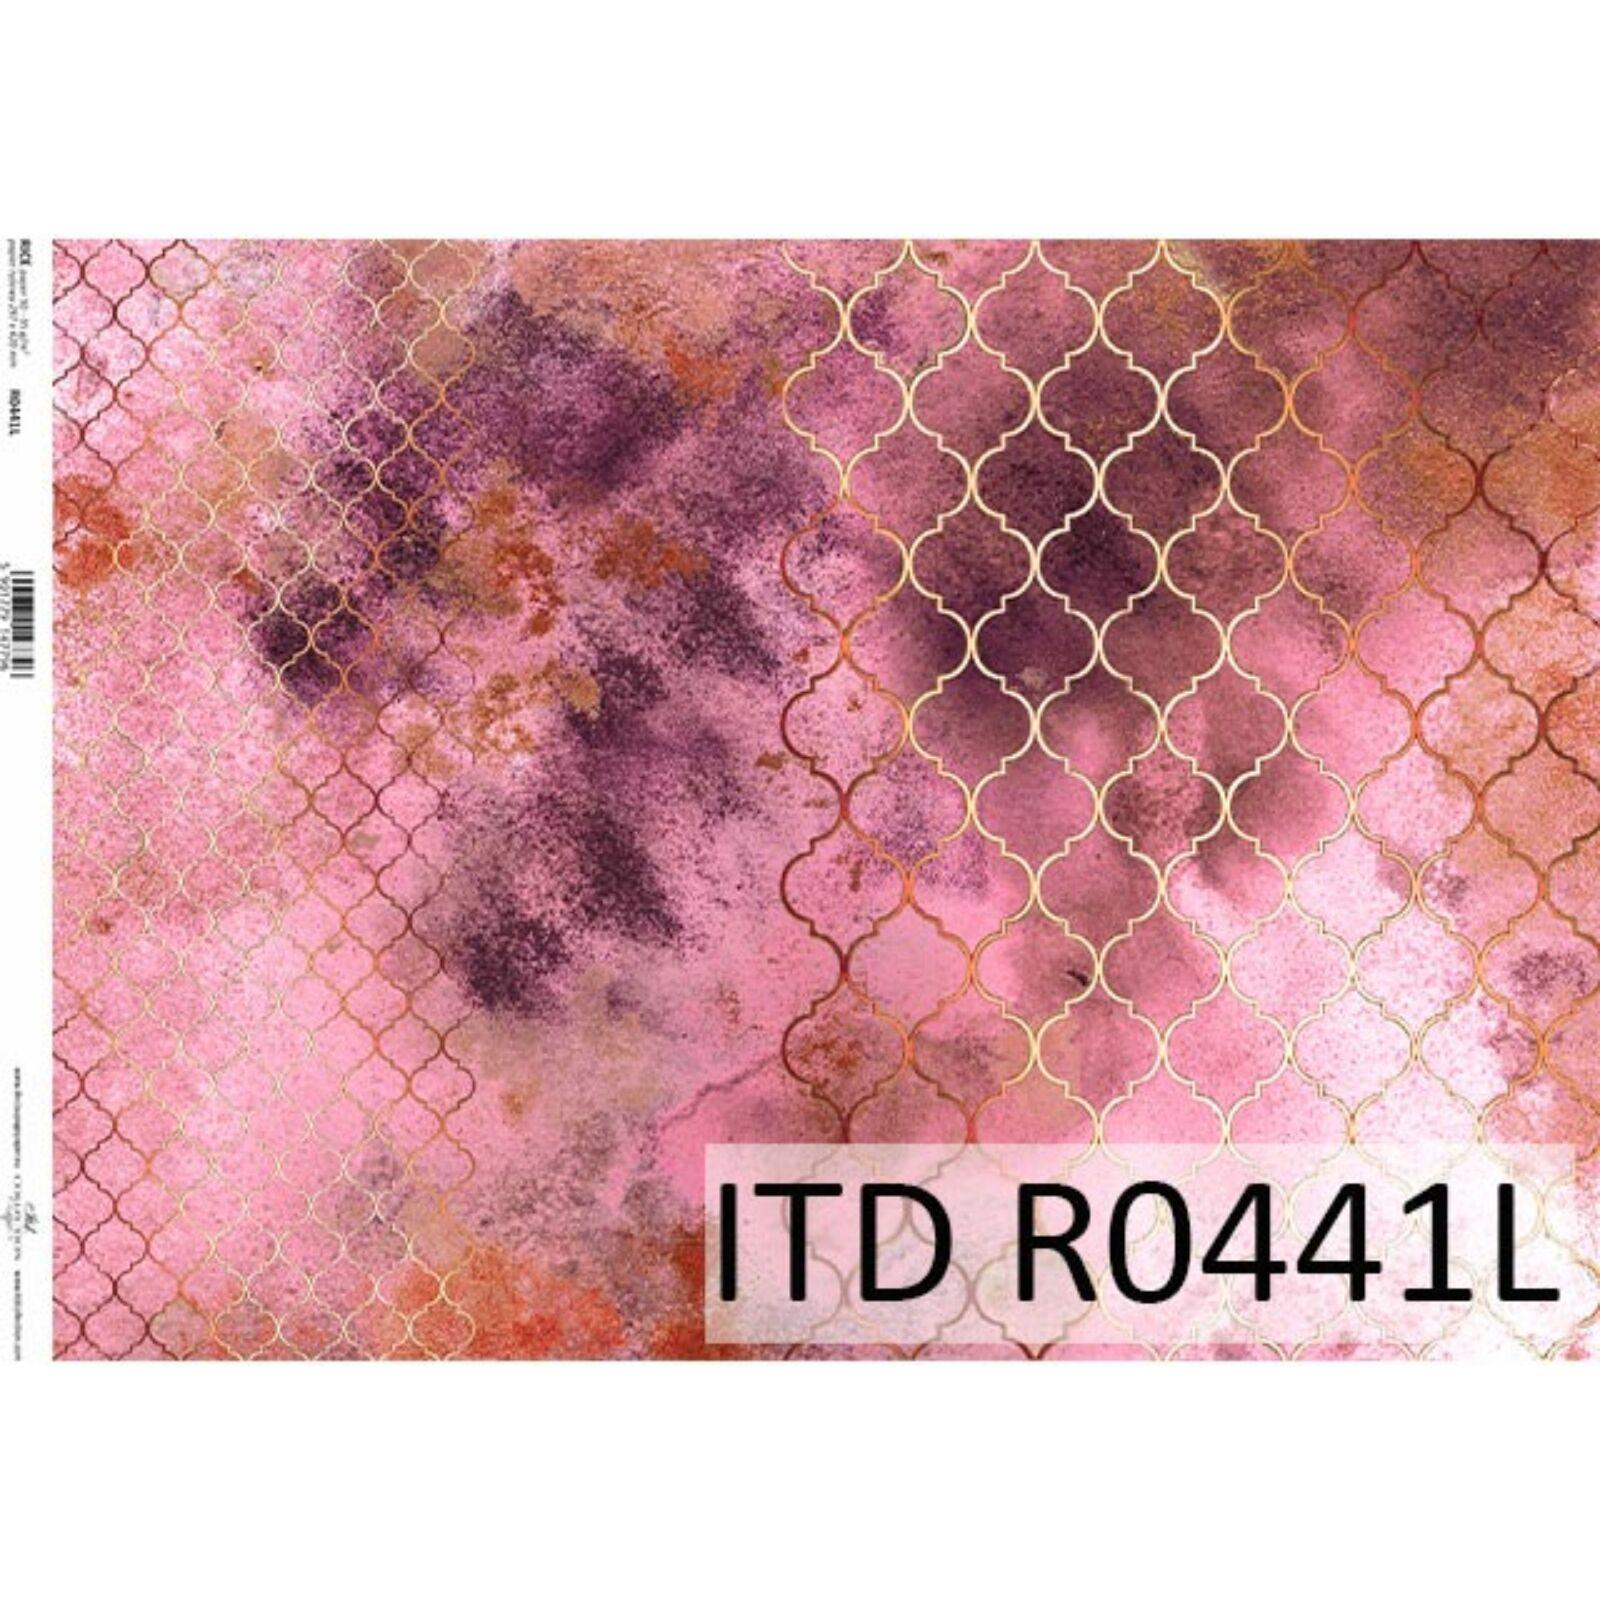 R0441L